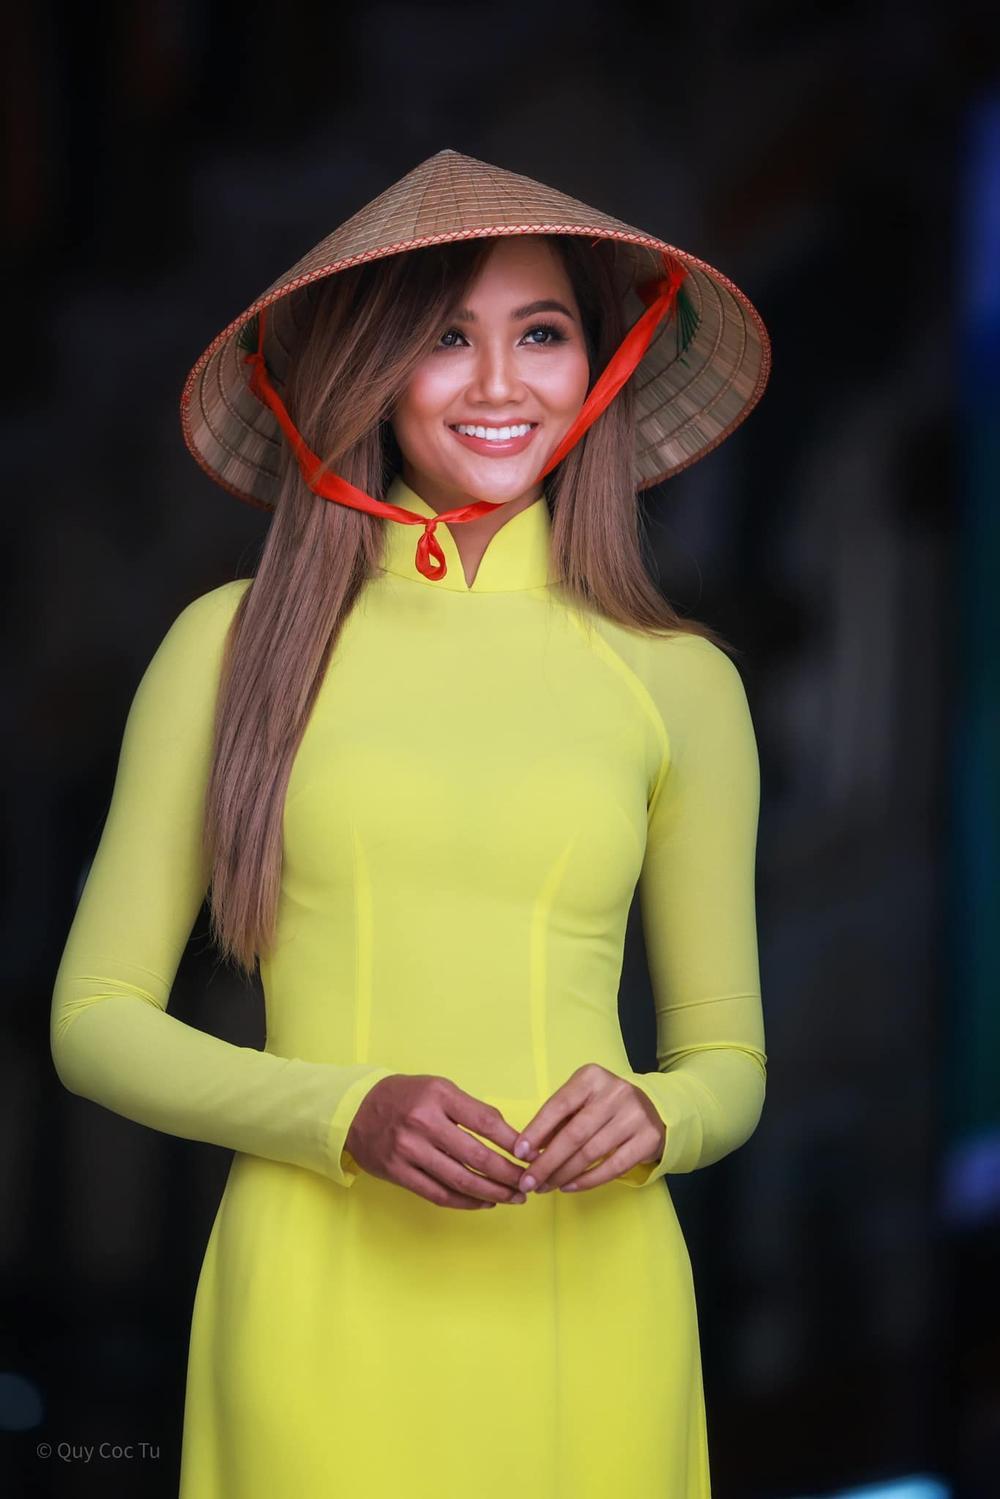 Diện váy vàng đồng ánh kim cắt xẻ táo bạo, H'Hen Niê khiến fan không thể rời mắt Ảnh 8